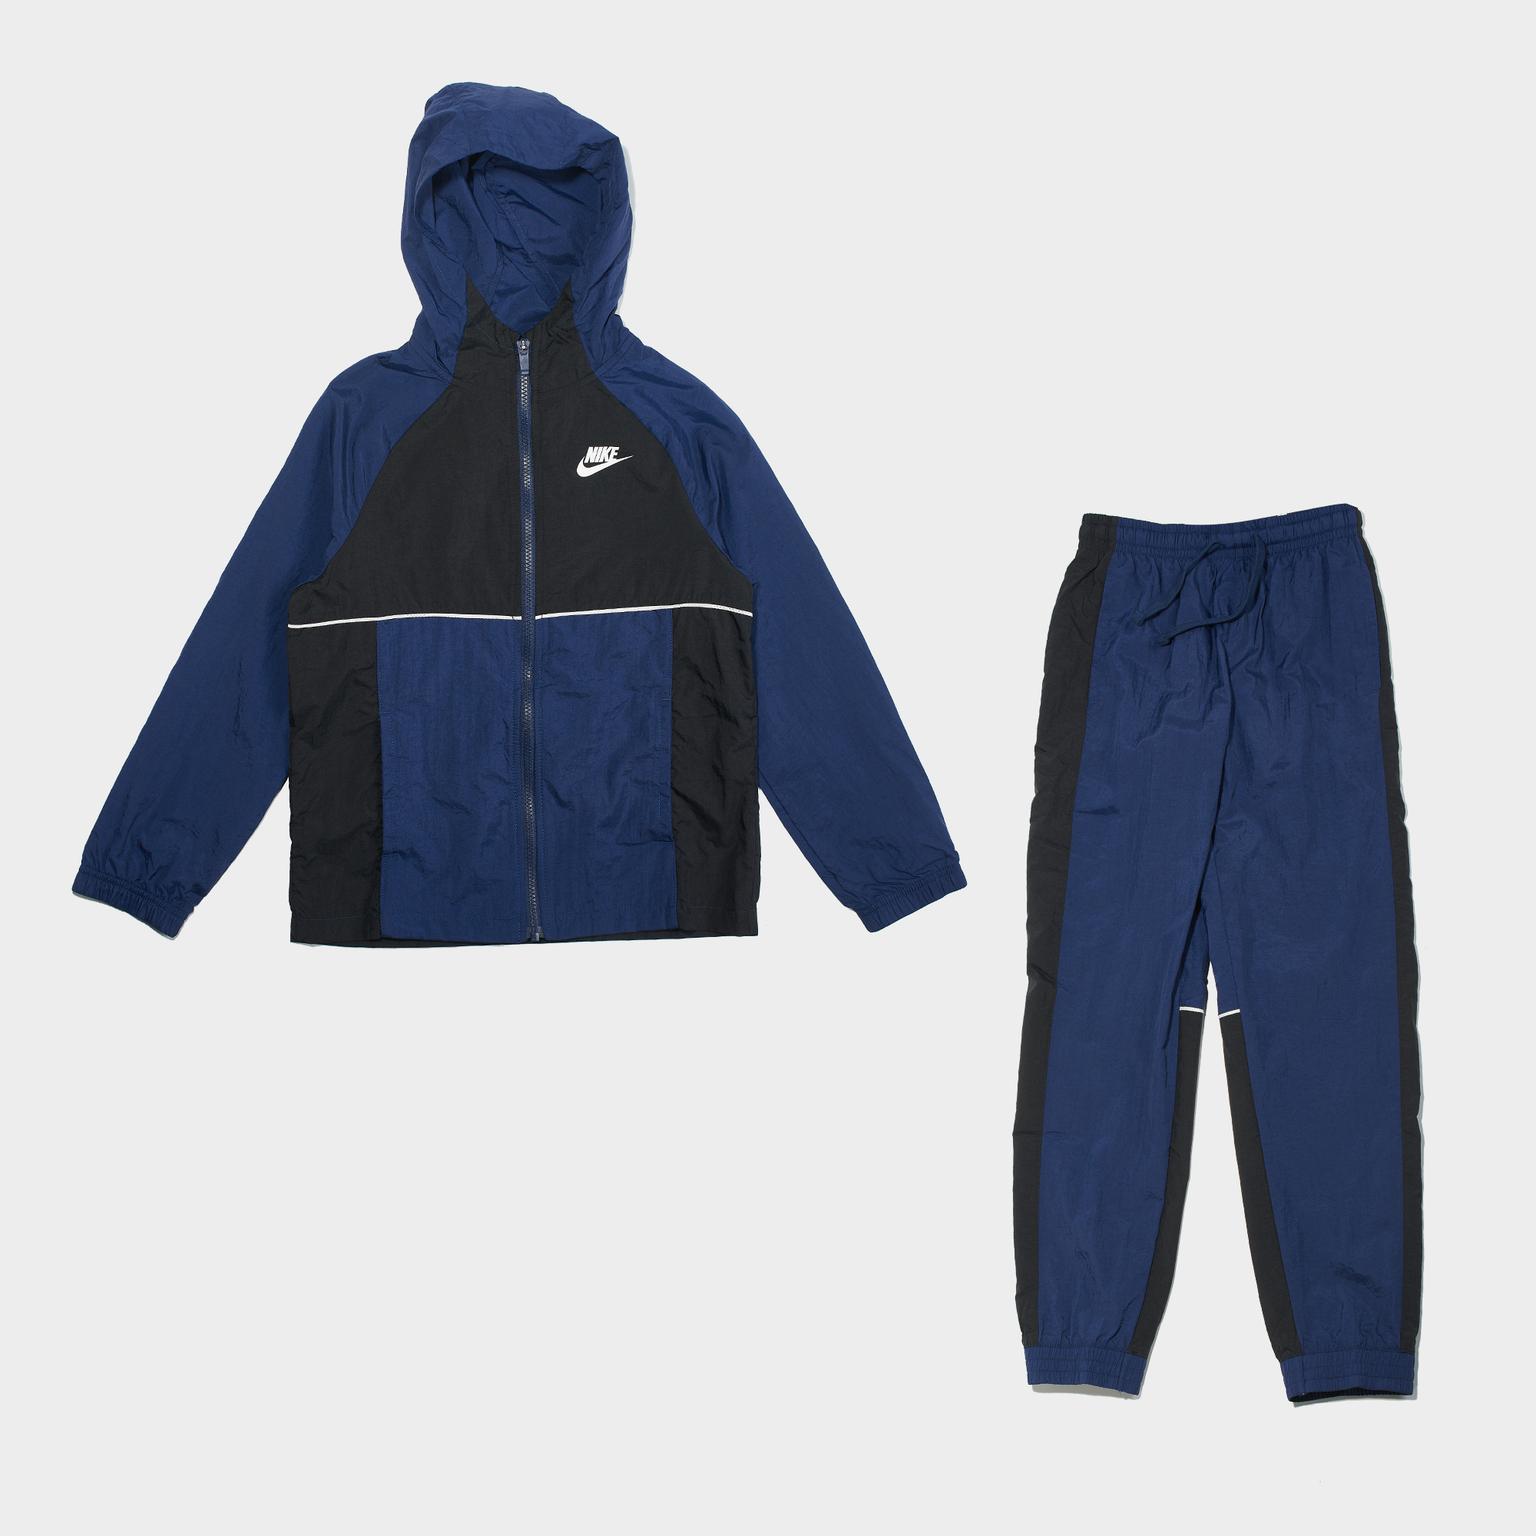 Костюм подростковый Nike Woven Track Suit CU9293-410